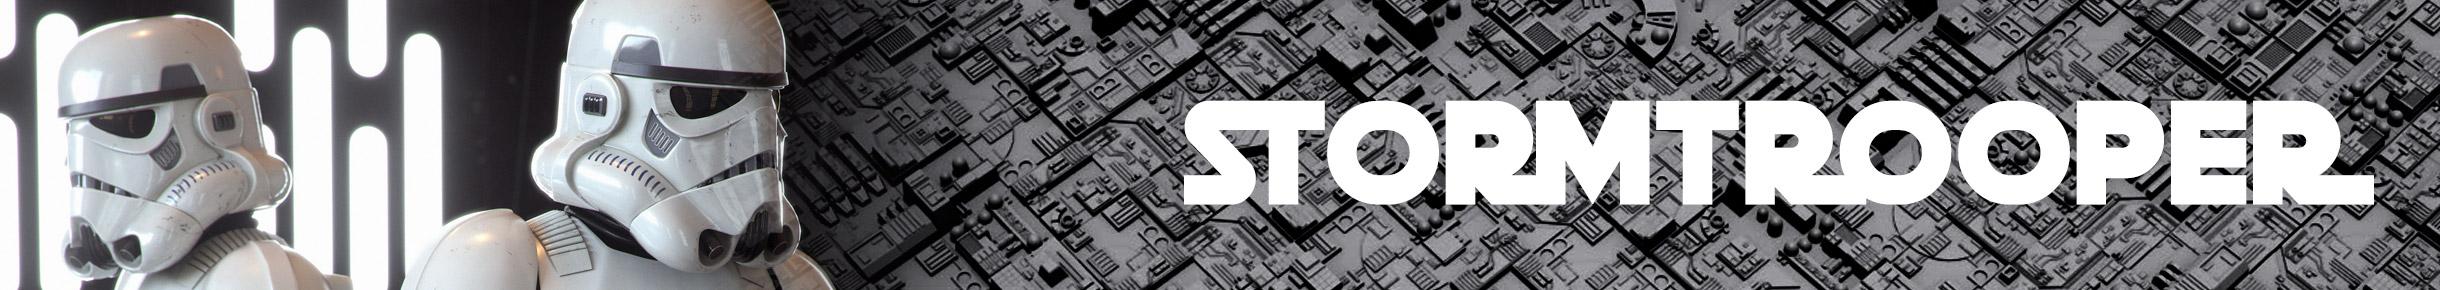 Stormtrooper Merchandise Banner